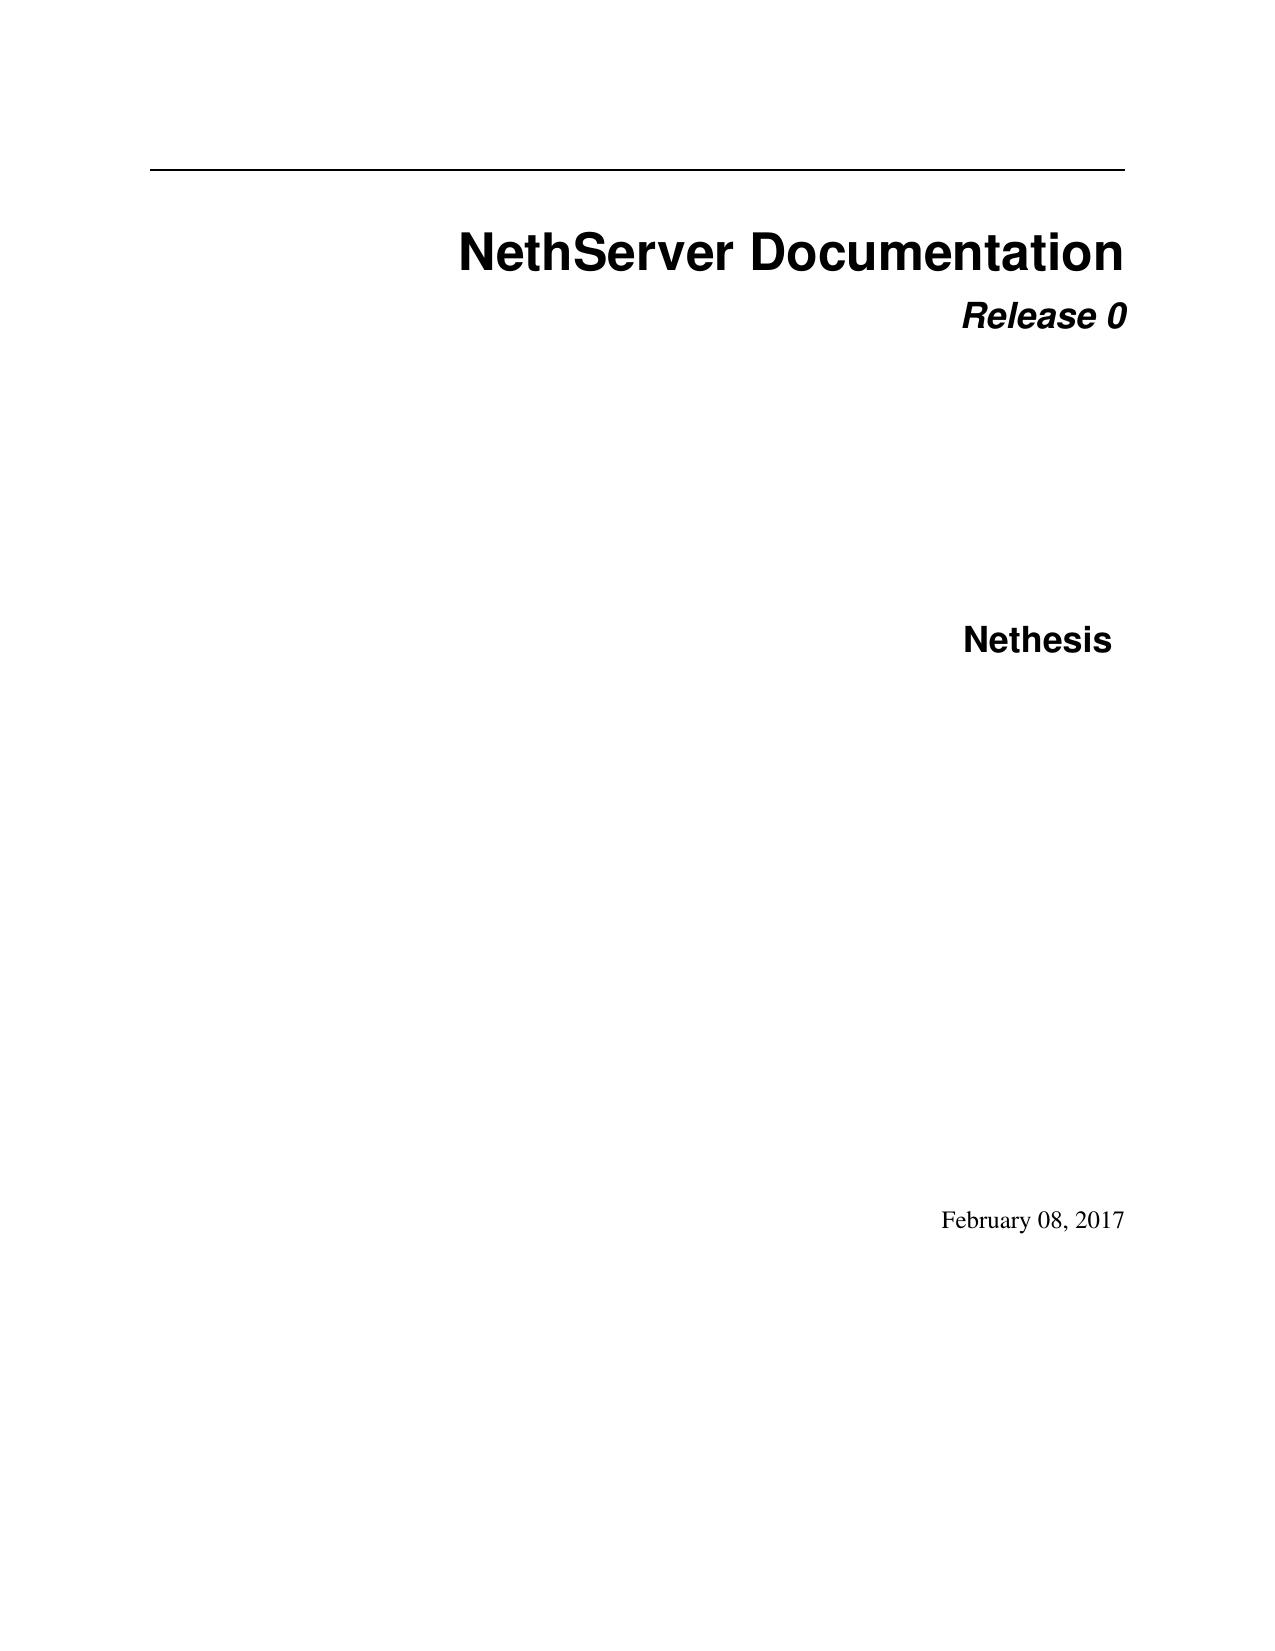 NethServer Documentation | manualzz com